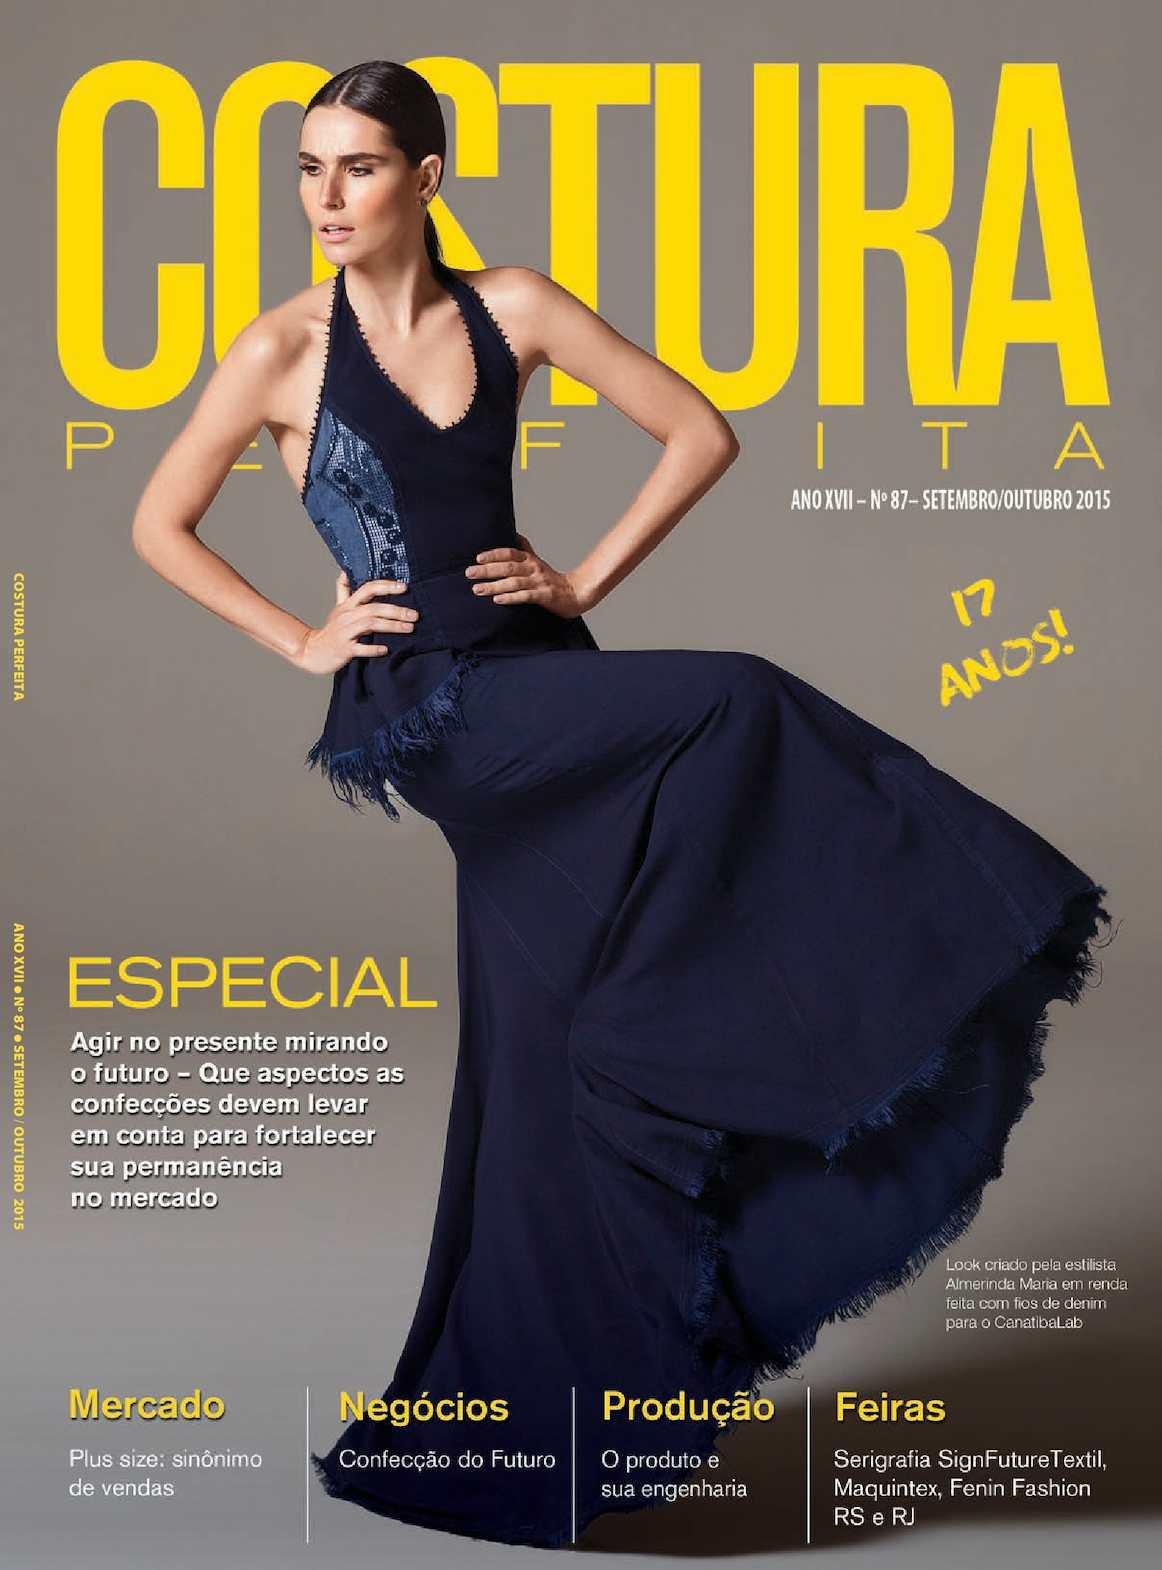 95d55a35a Calaméo - Revista Costura Perfeita Edição Ano XVII - N87 - Setembro-Outubro  2015